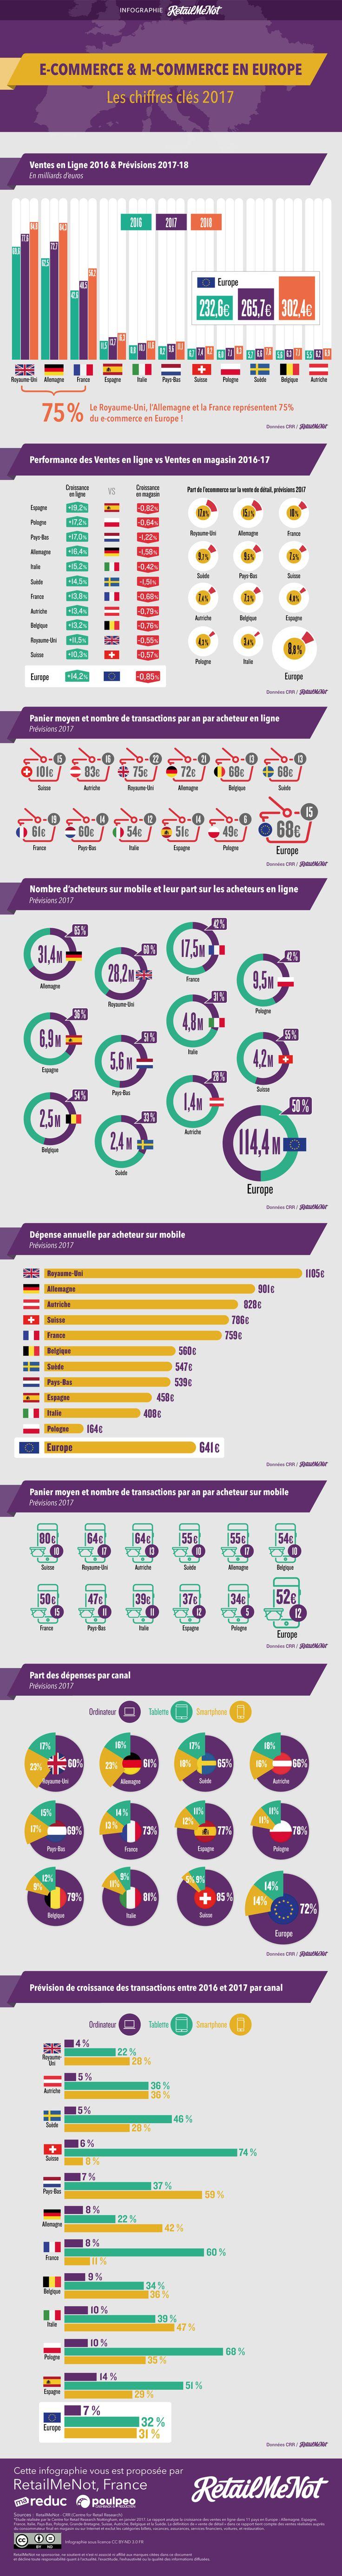 Chiffres du E-Commerce et du E-Commerce  sur mobile et tablette en 2017/2018 en Europe par RetailMeNot